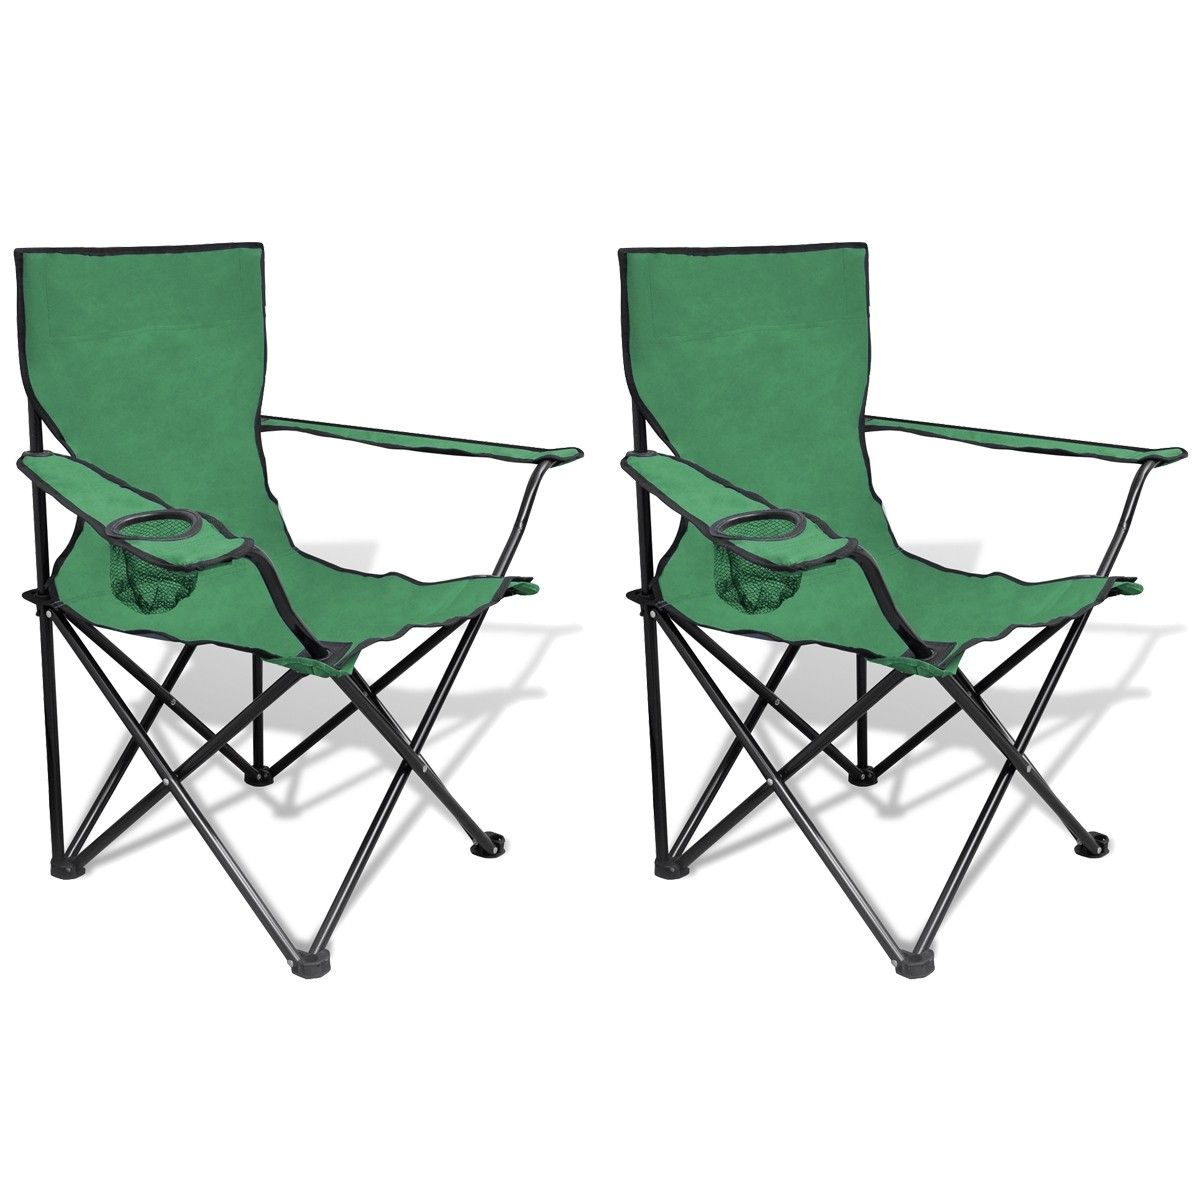 Oppsiktsvekkende Sammenleggbar Stol 2 stk Camping Stol med Grønn Veske (41148 ZQ-34